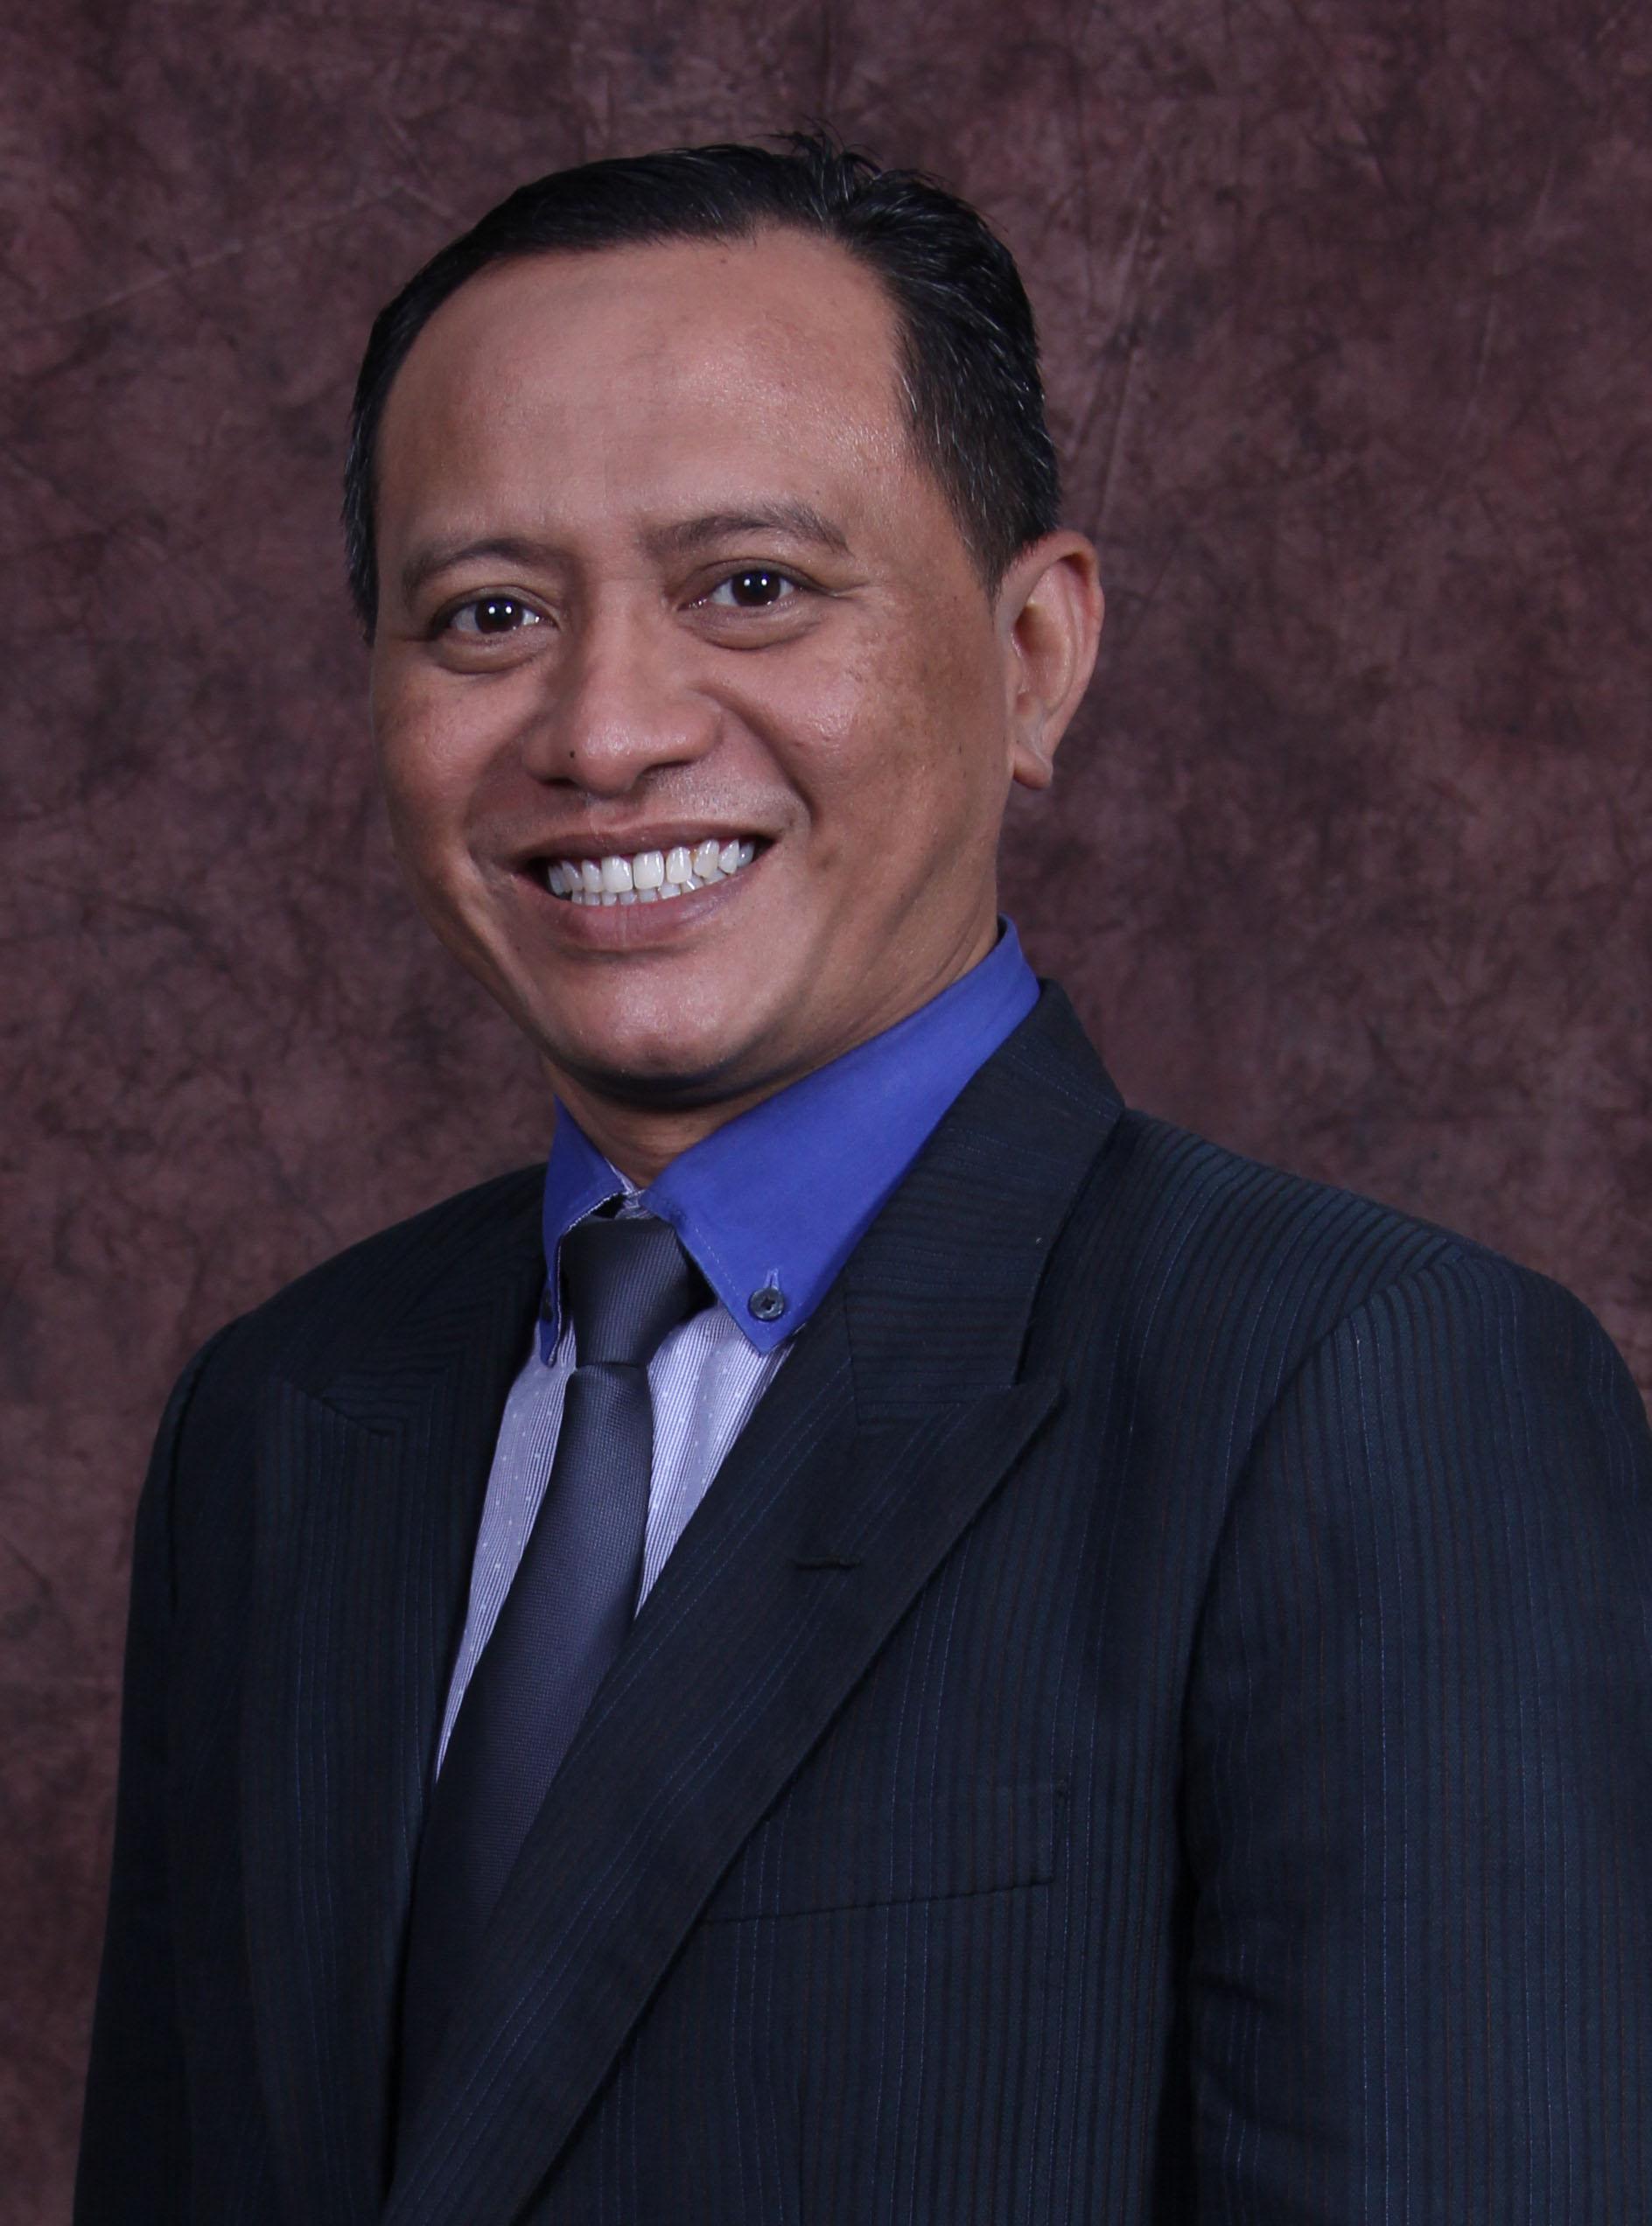 image_Urgensi Santri Mengimplementasikan Pancasila